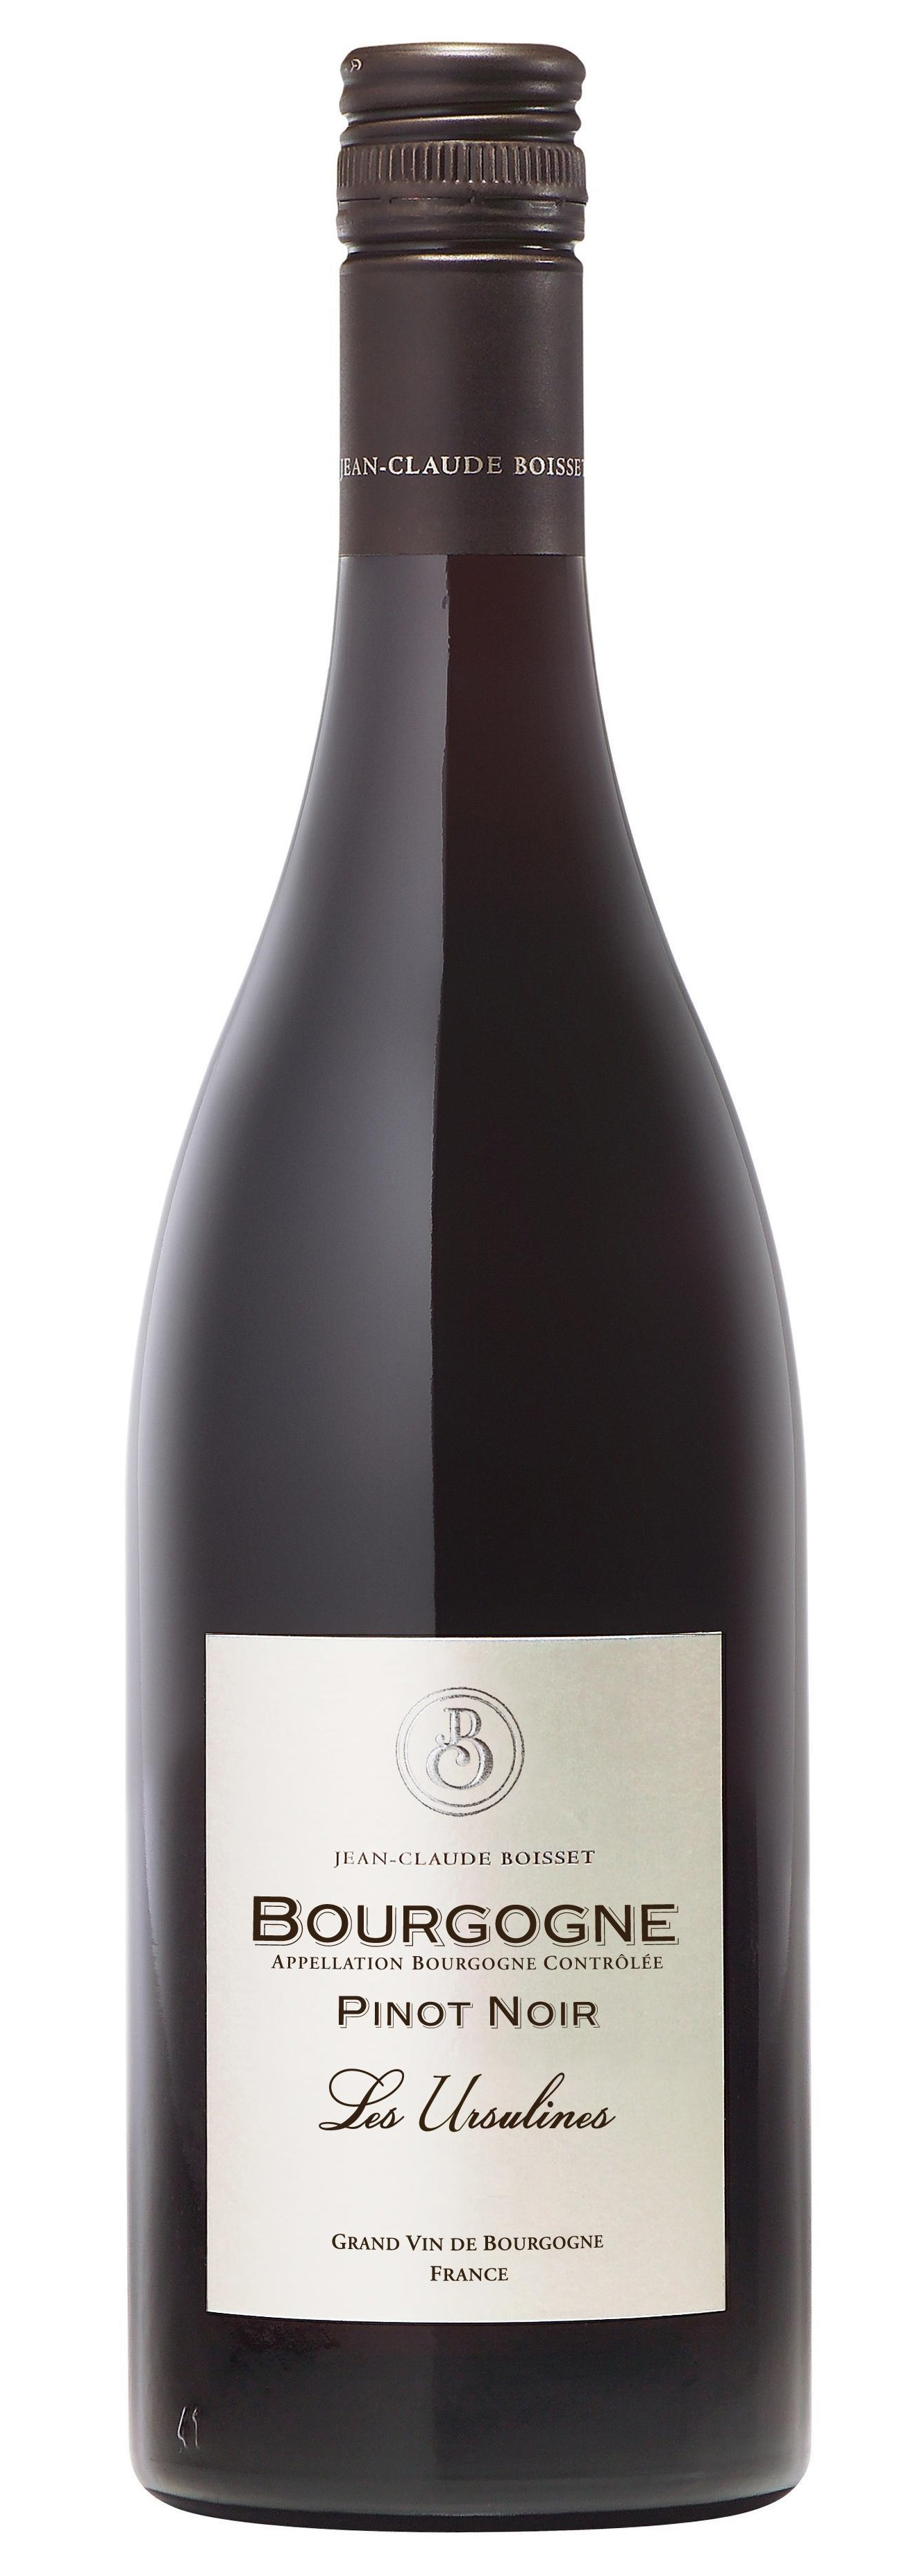 Jean-Claude Boisset, Bourgogne Pinot Noir `Les Ursulines` 2016